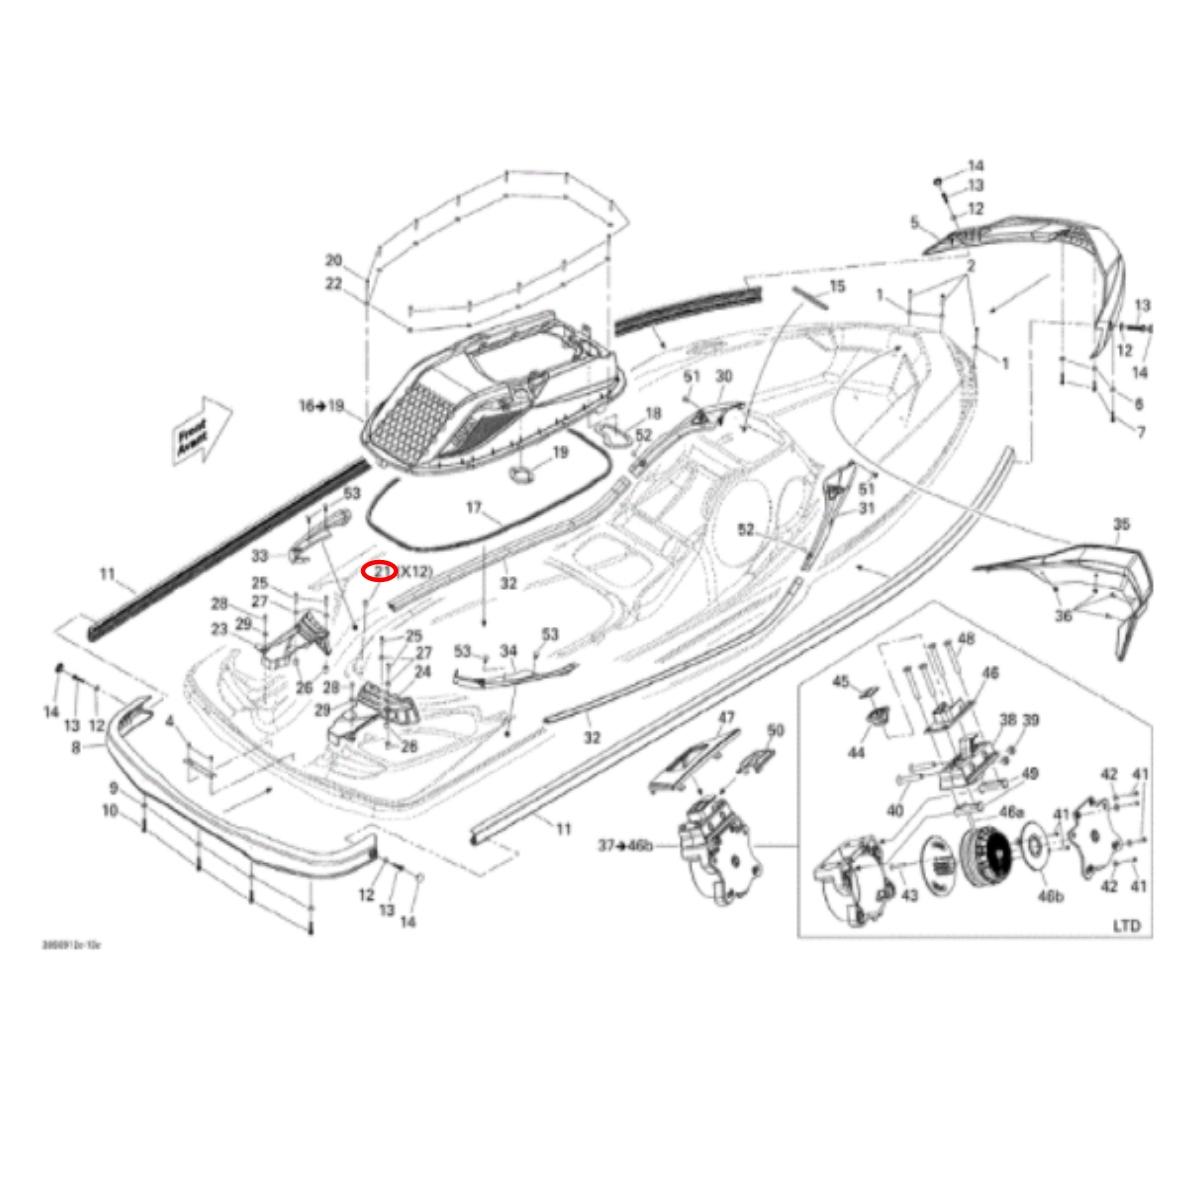 Bucha do Casco Gtx Is 2010  - Radical Peças - Peças para Jet Ski